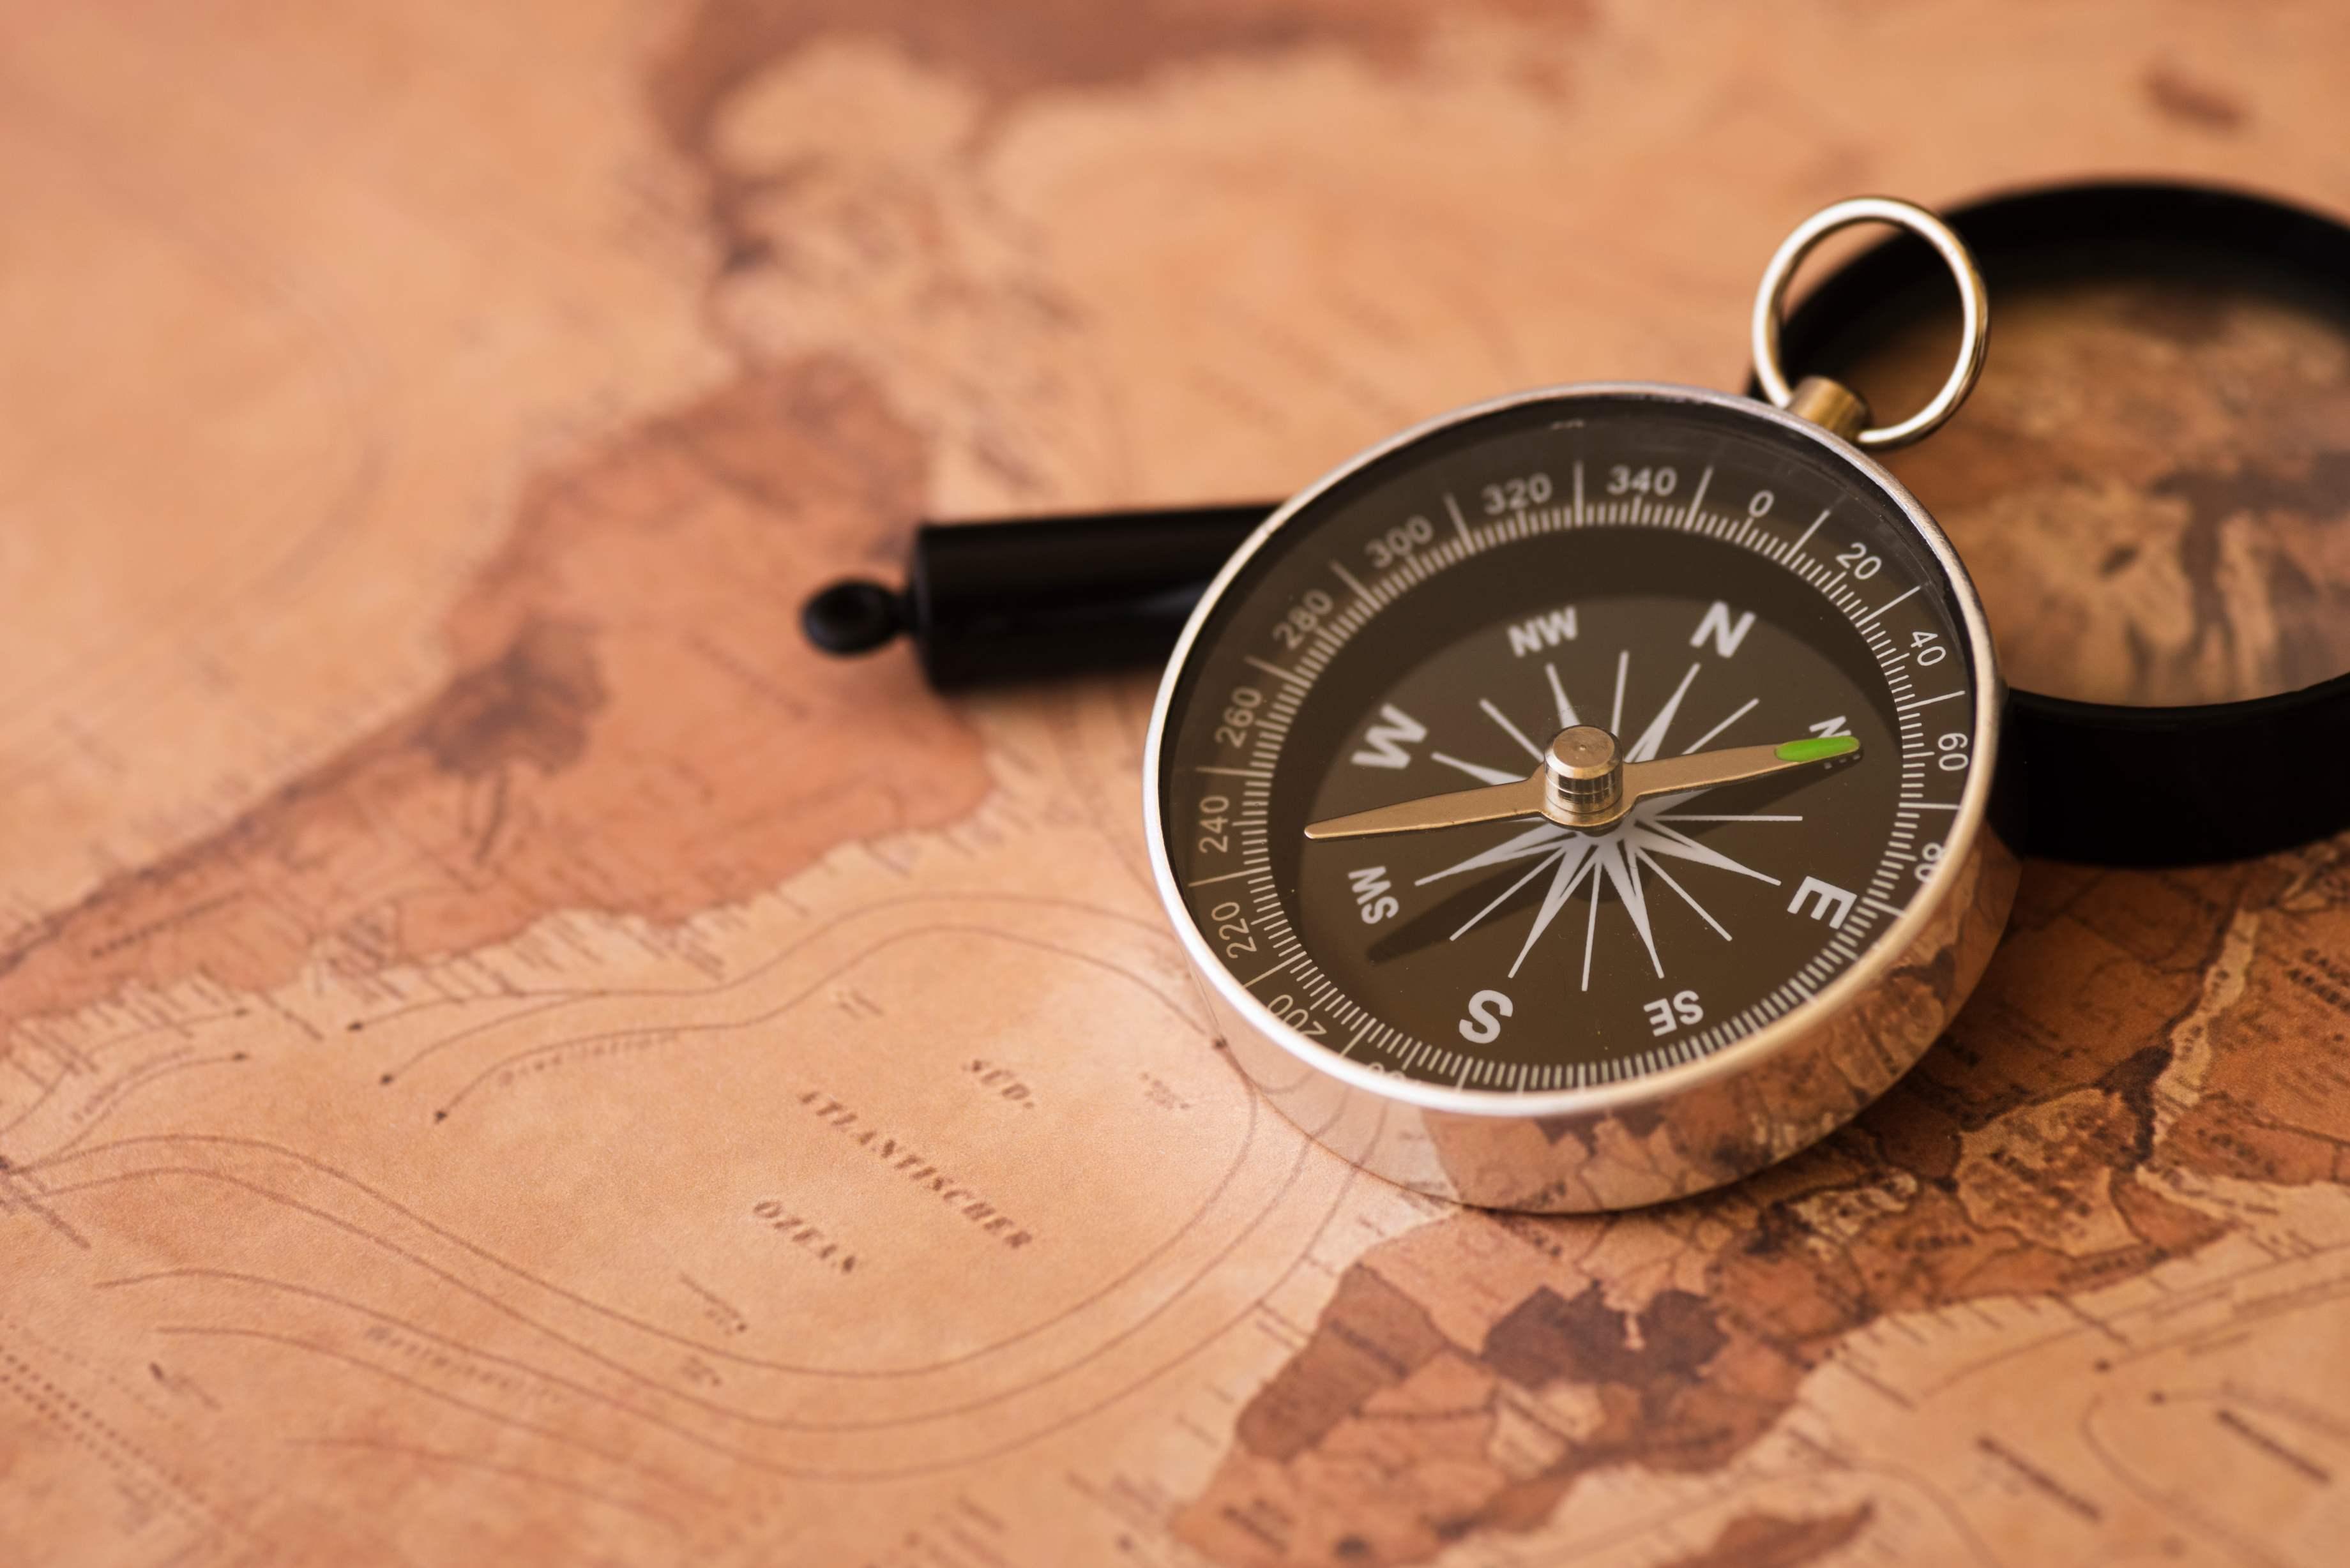 旅を極めた人だけが持つ、 人の心に響く本